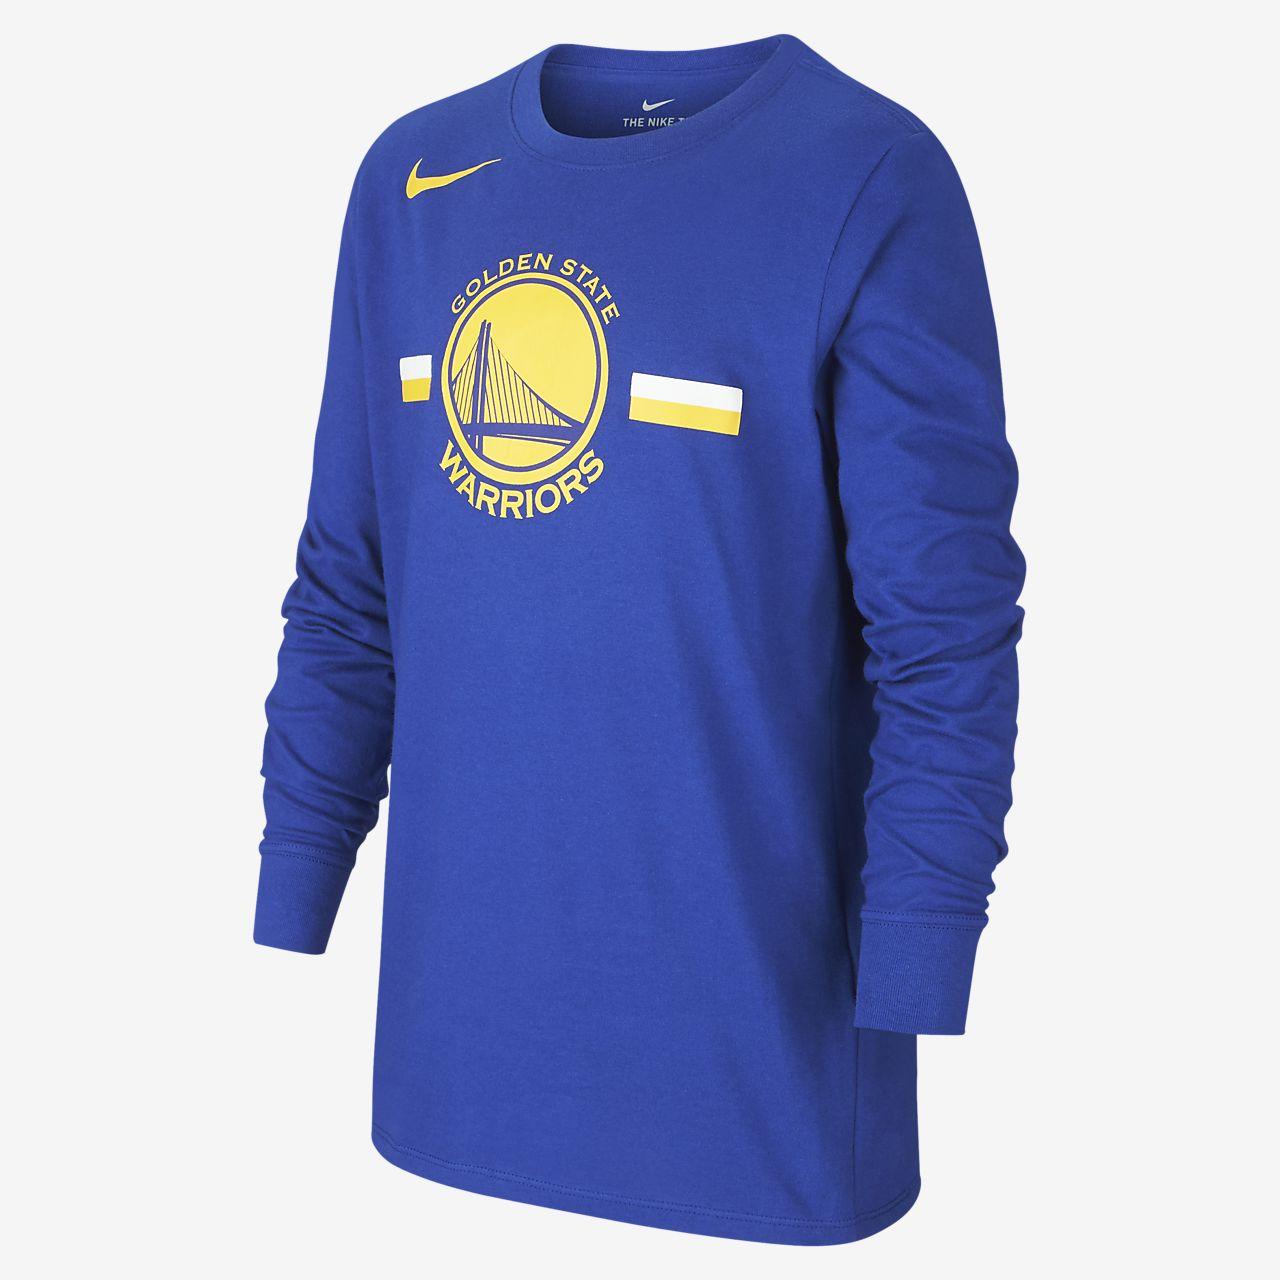 Golden State Warriors Nike Dri-FIT Logo NBA-kindershirt met lange mouwen